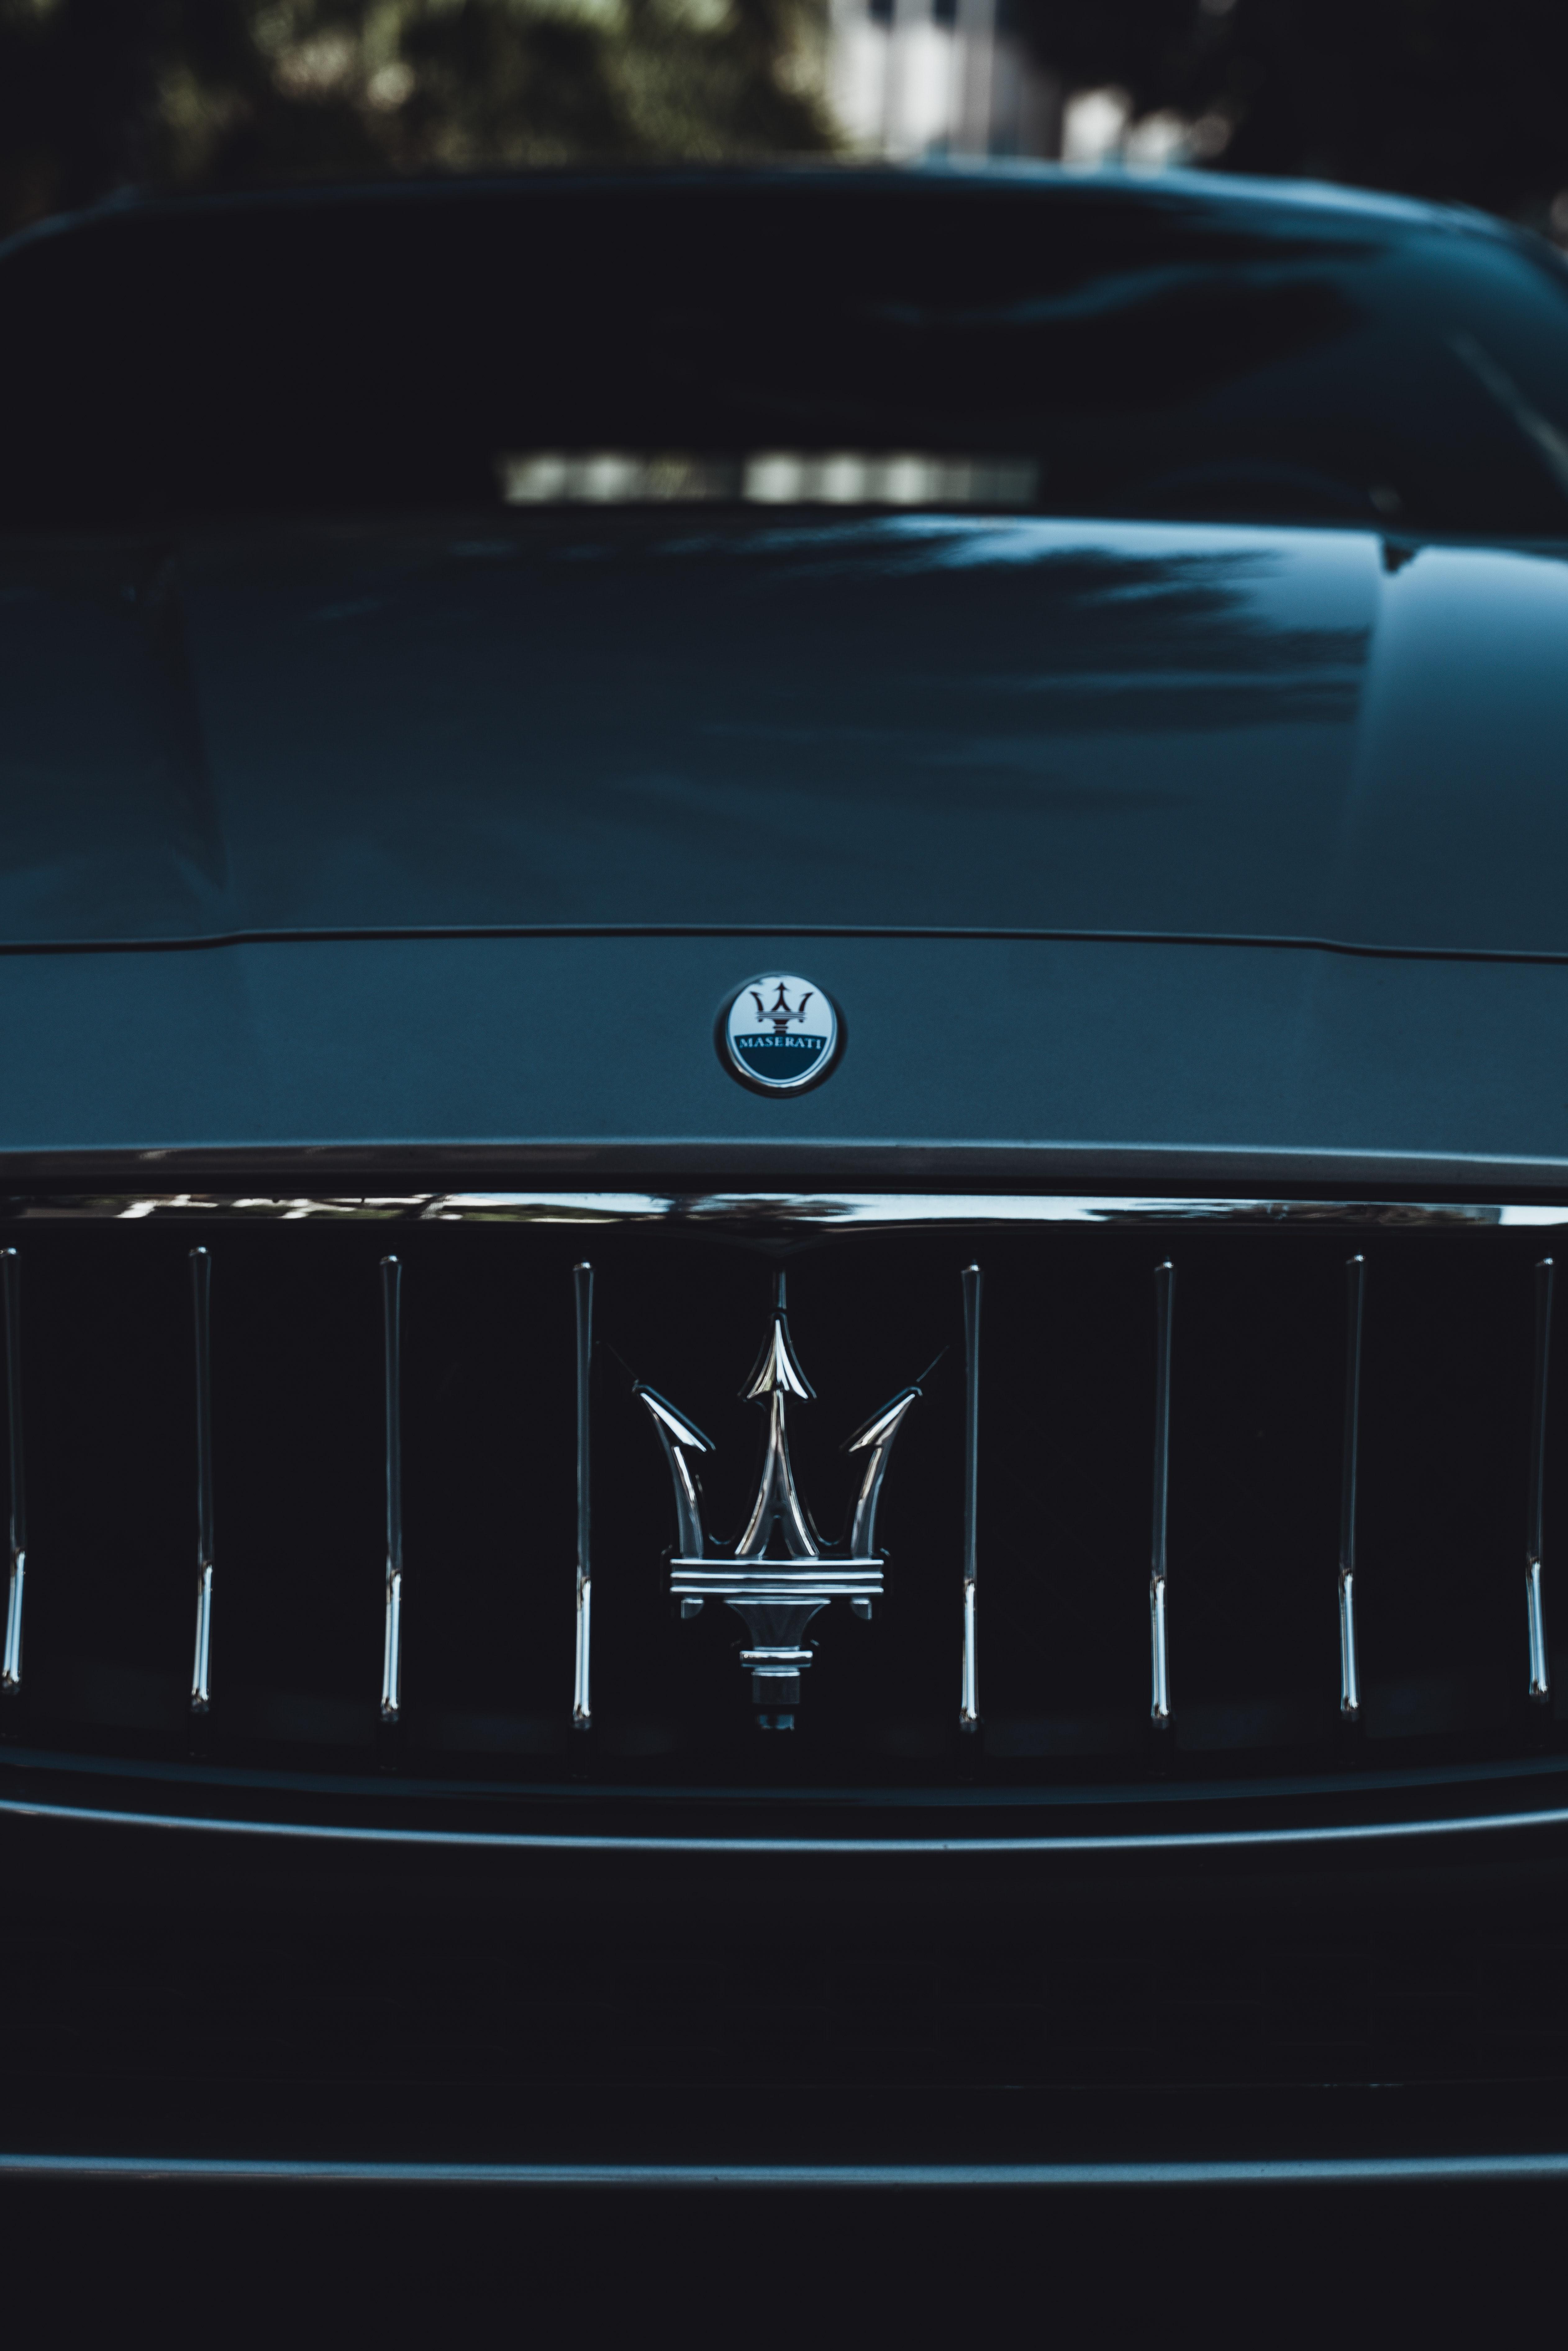 138646 Hintergrundbild 1024x600 kostenlos auf deinem Handy, lade Bilder Sport, Auto, Maserati, Cars, Wagen, Sportwagen, Logo, Stoßstange 1024x600 auf dein Handy herunter